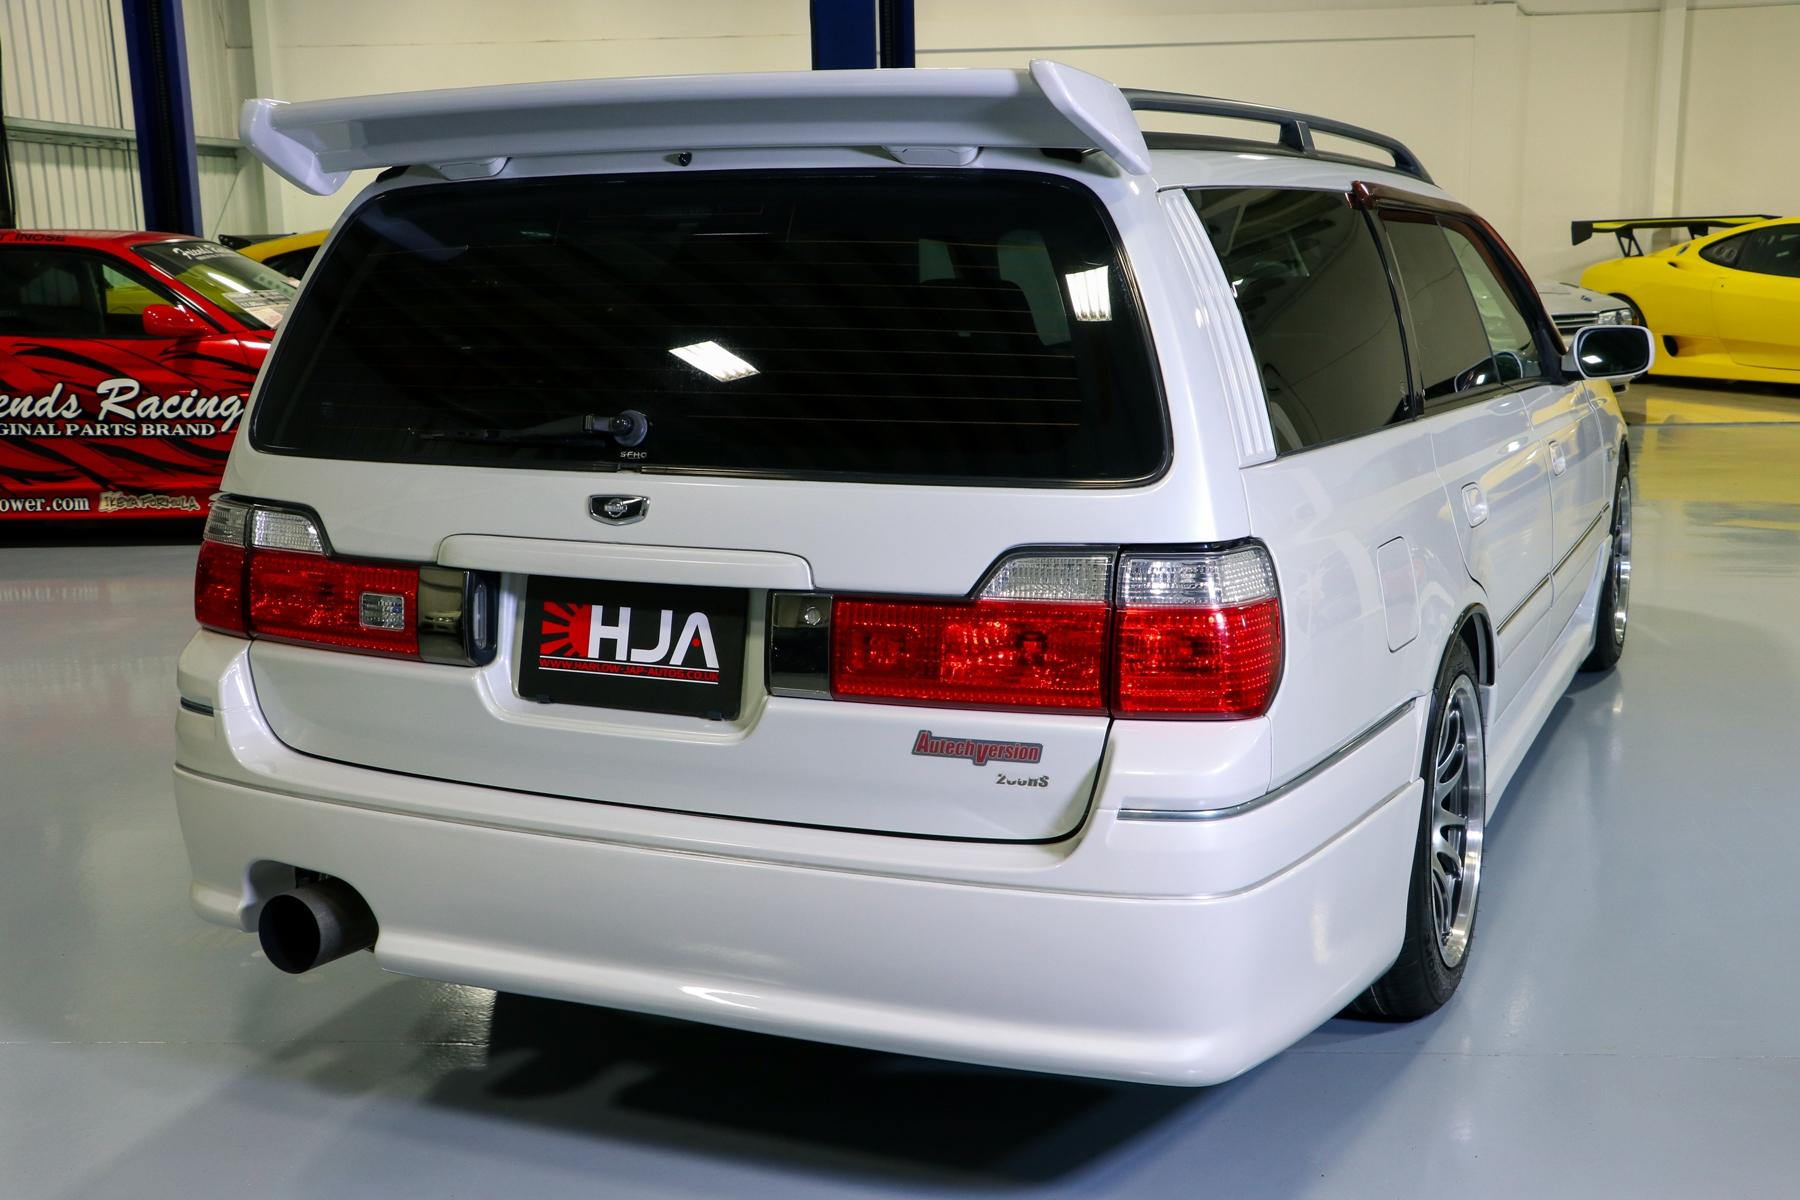 HJA459.012